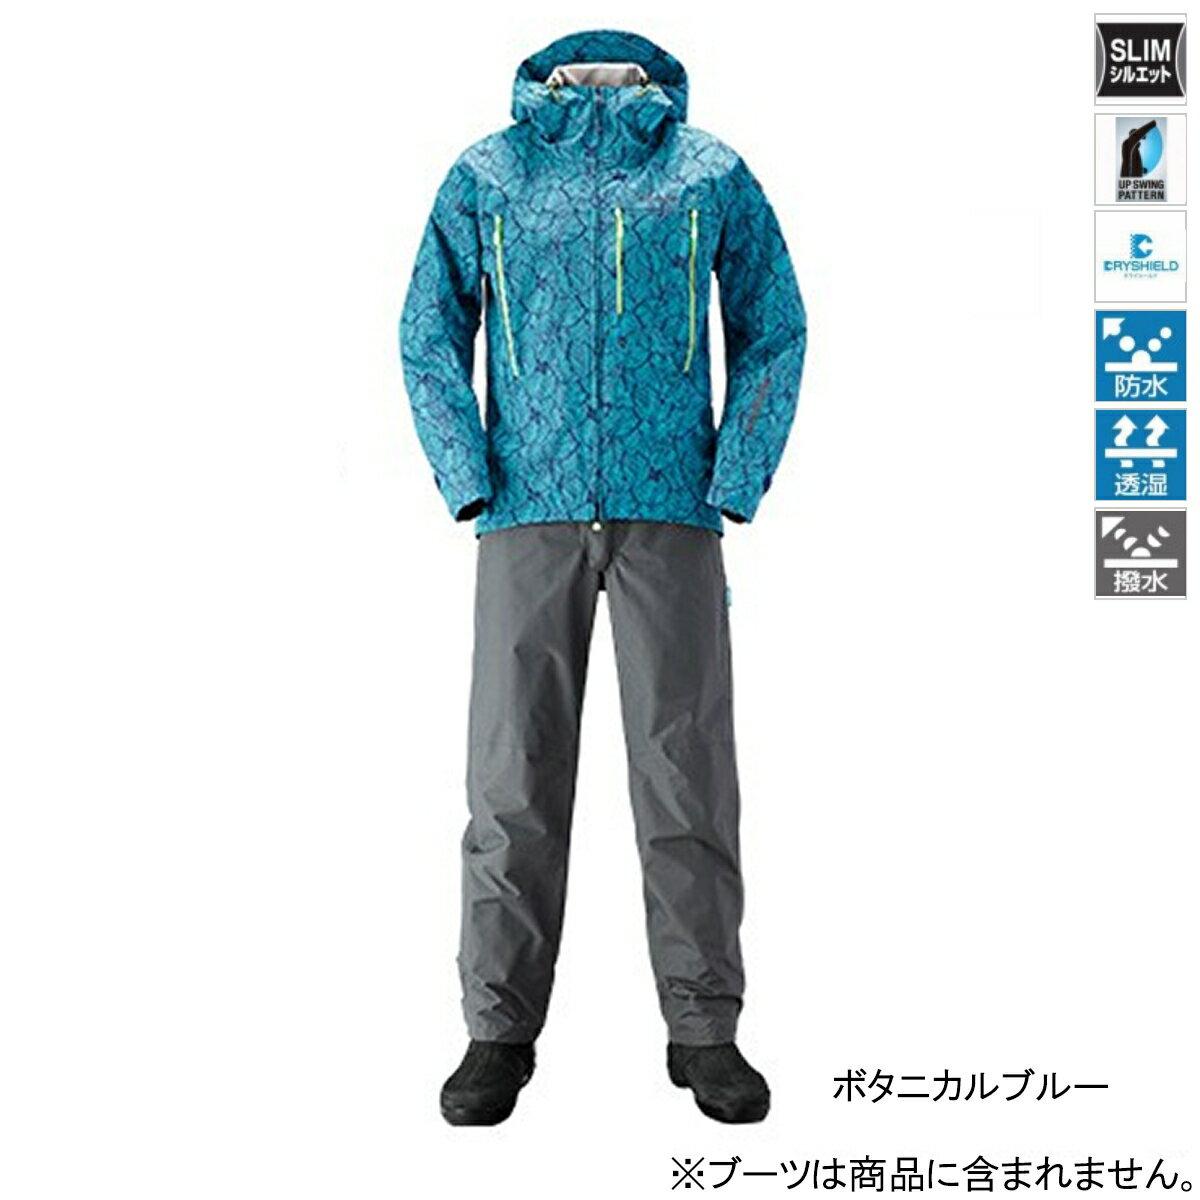 シマノ DSエクスプローラースーツ RA-024S 2XL ボタニカルブルー【送料無料】